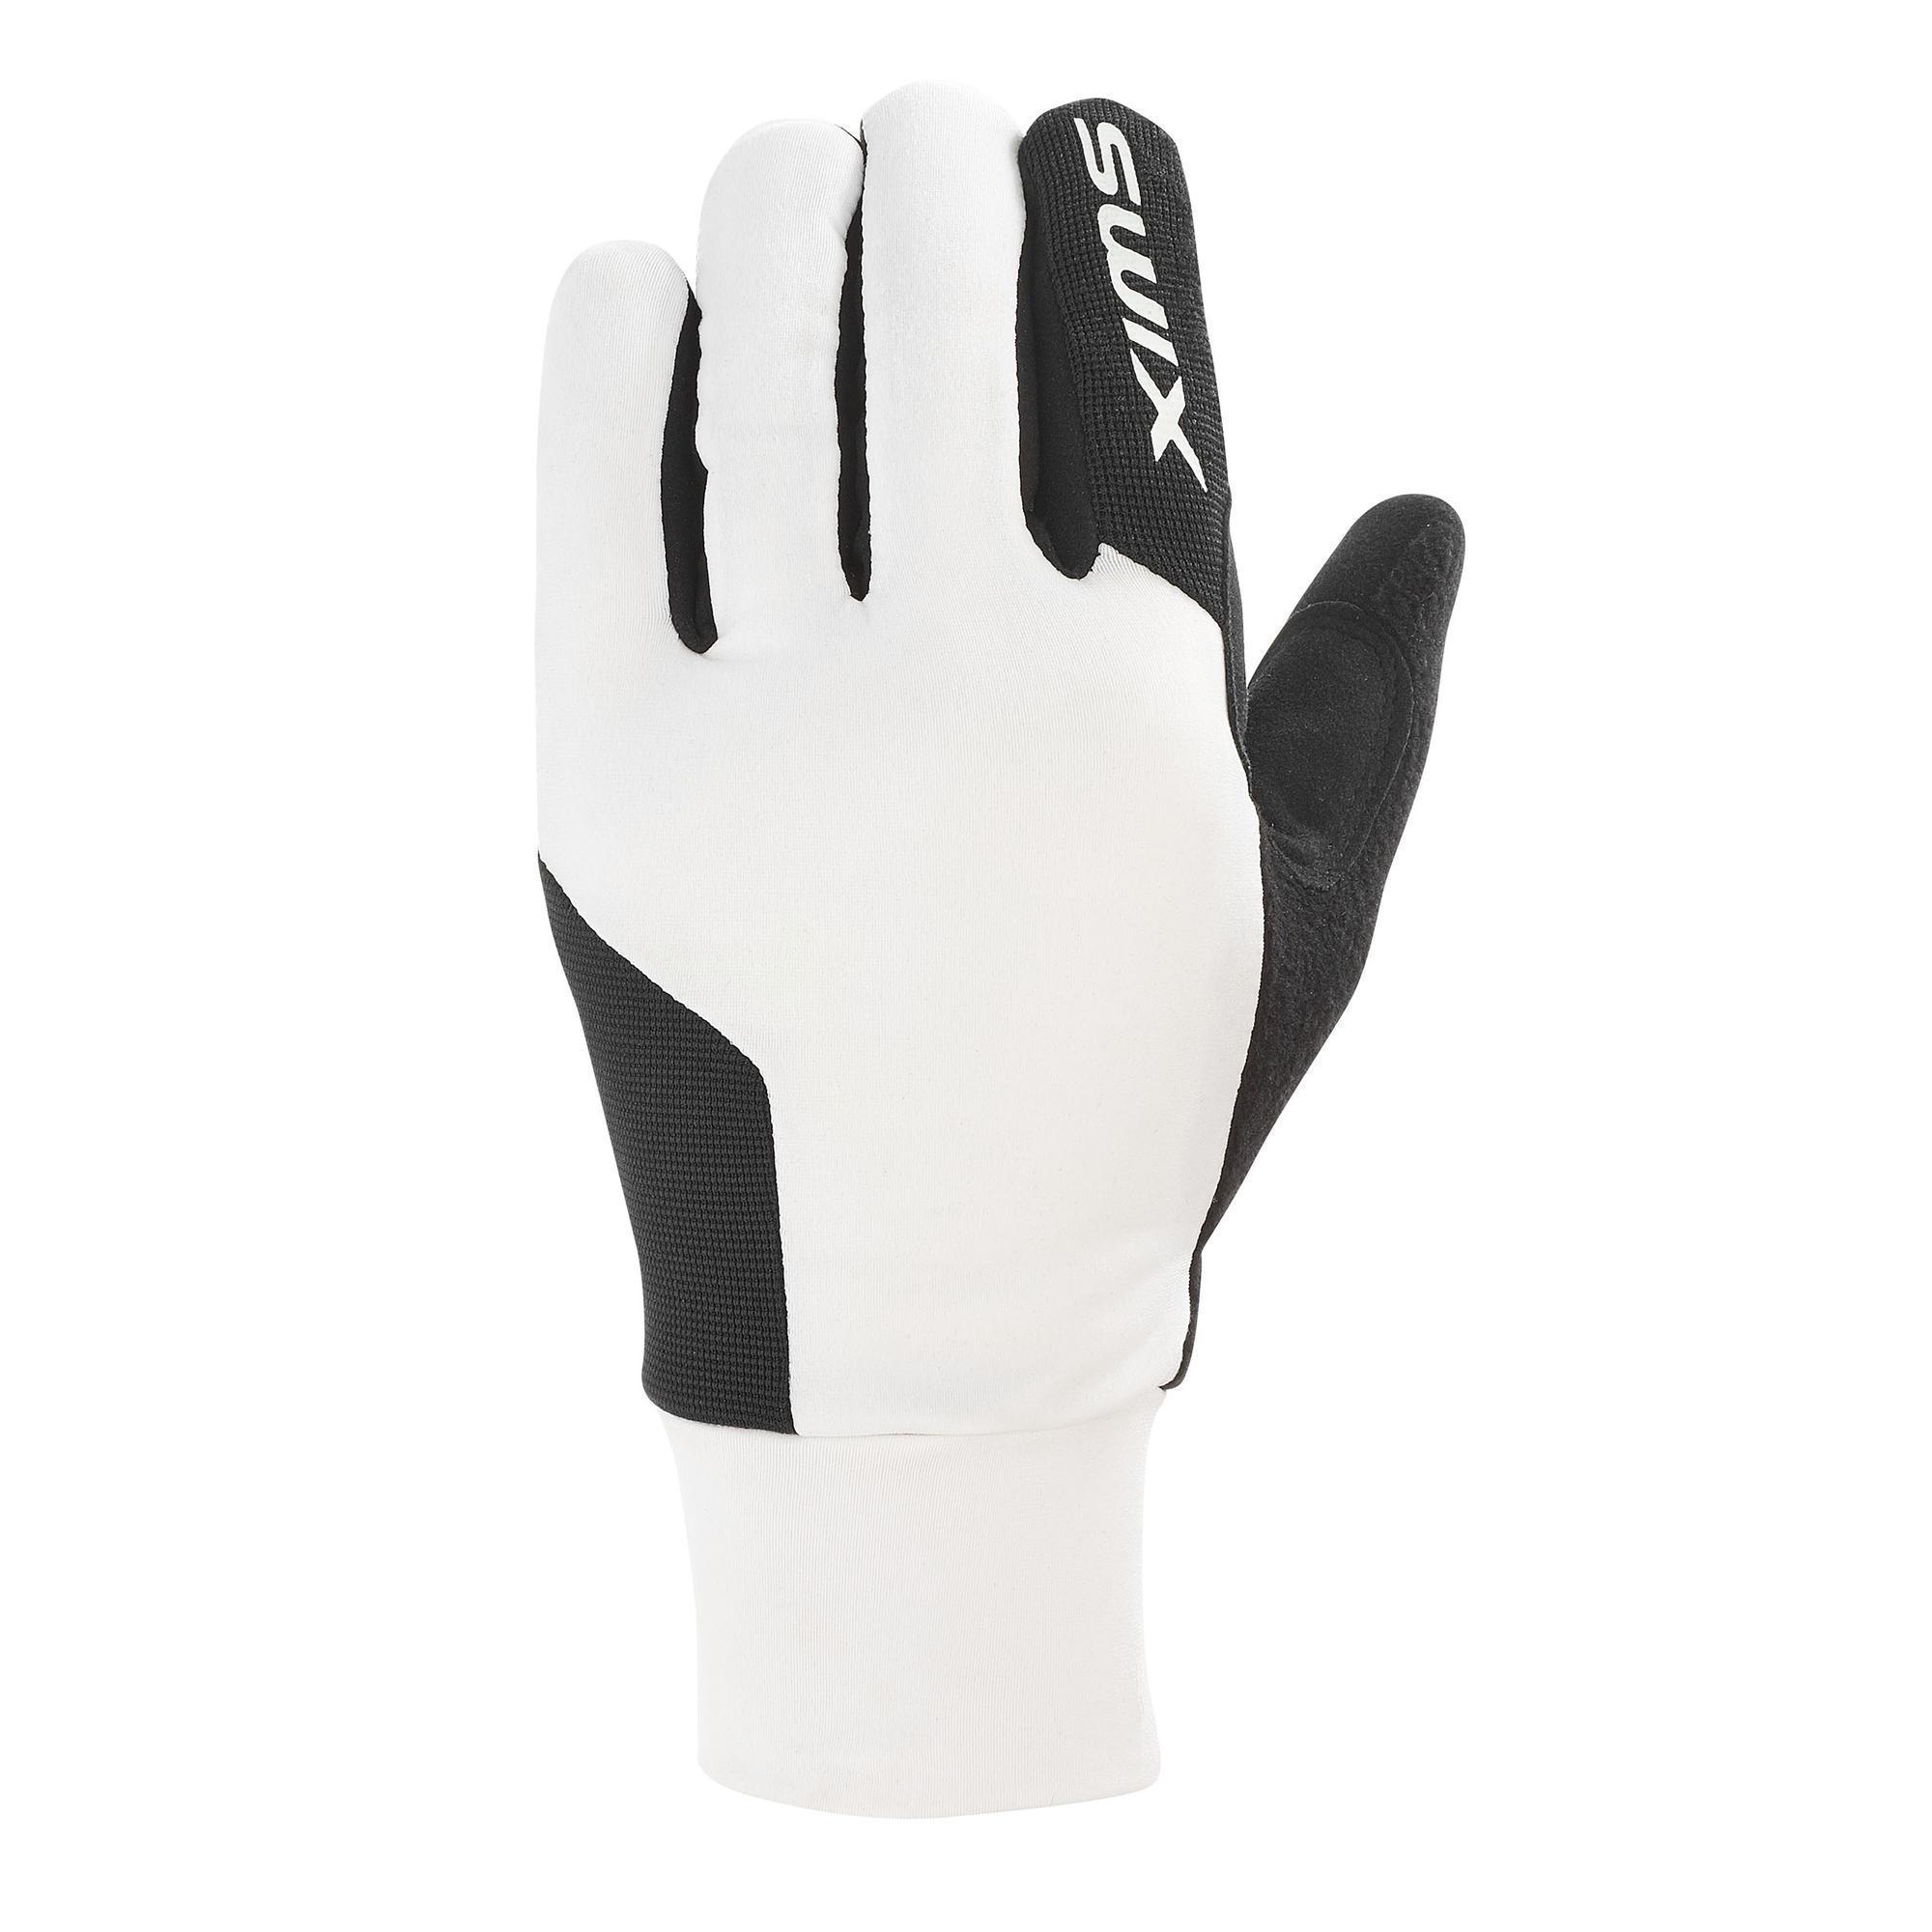 Swix Langlaufhandschoenen voor dames XC S Lynx wit thumbnail